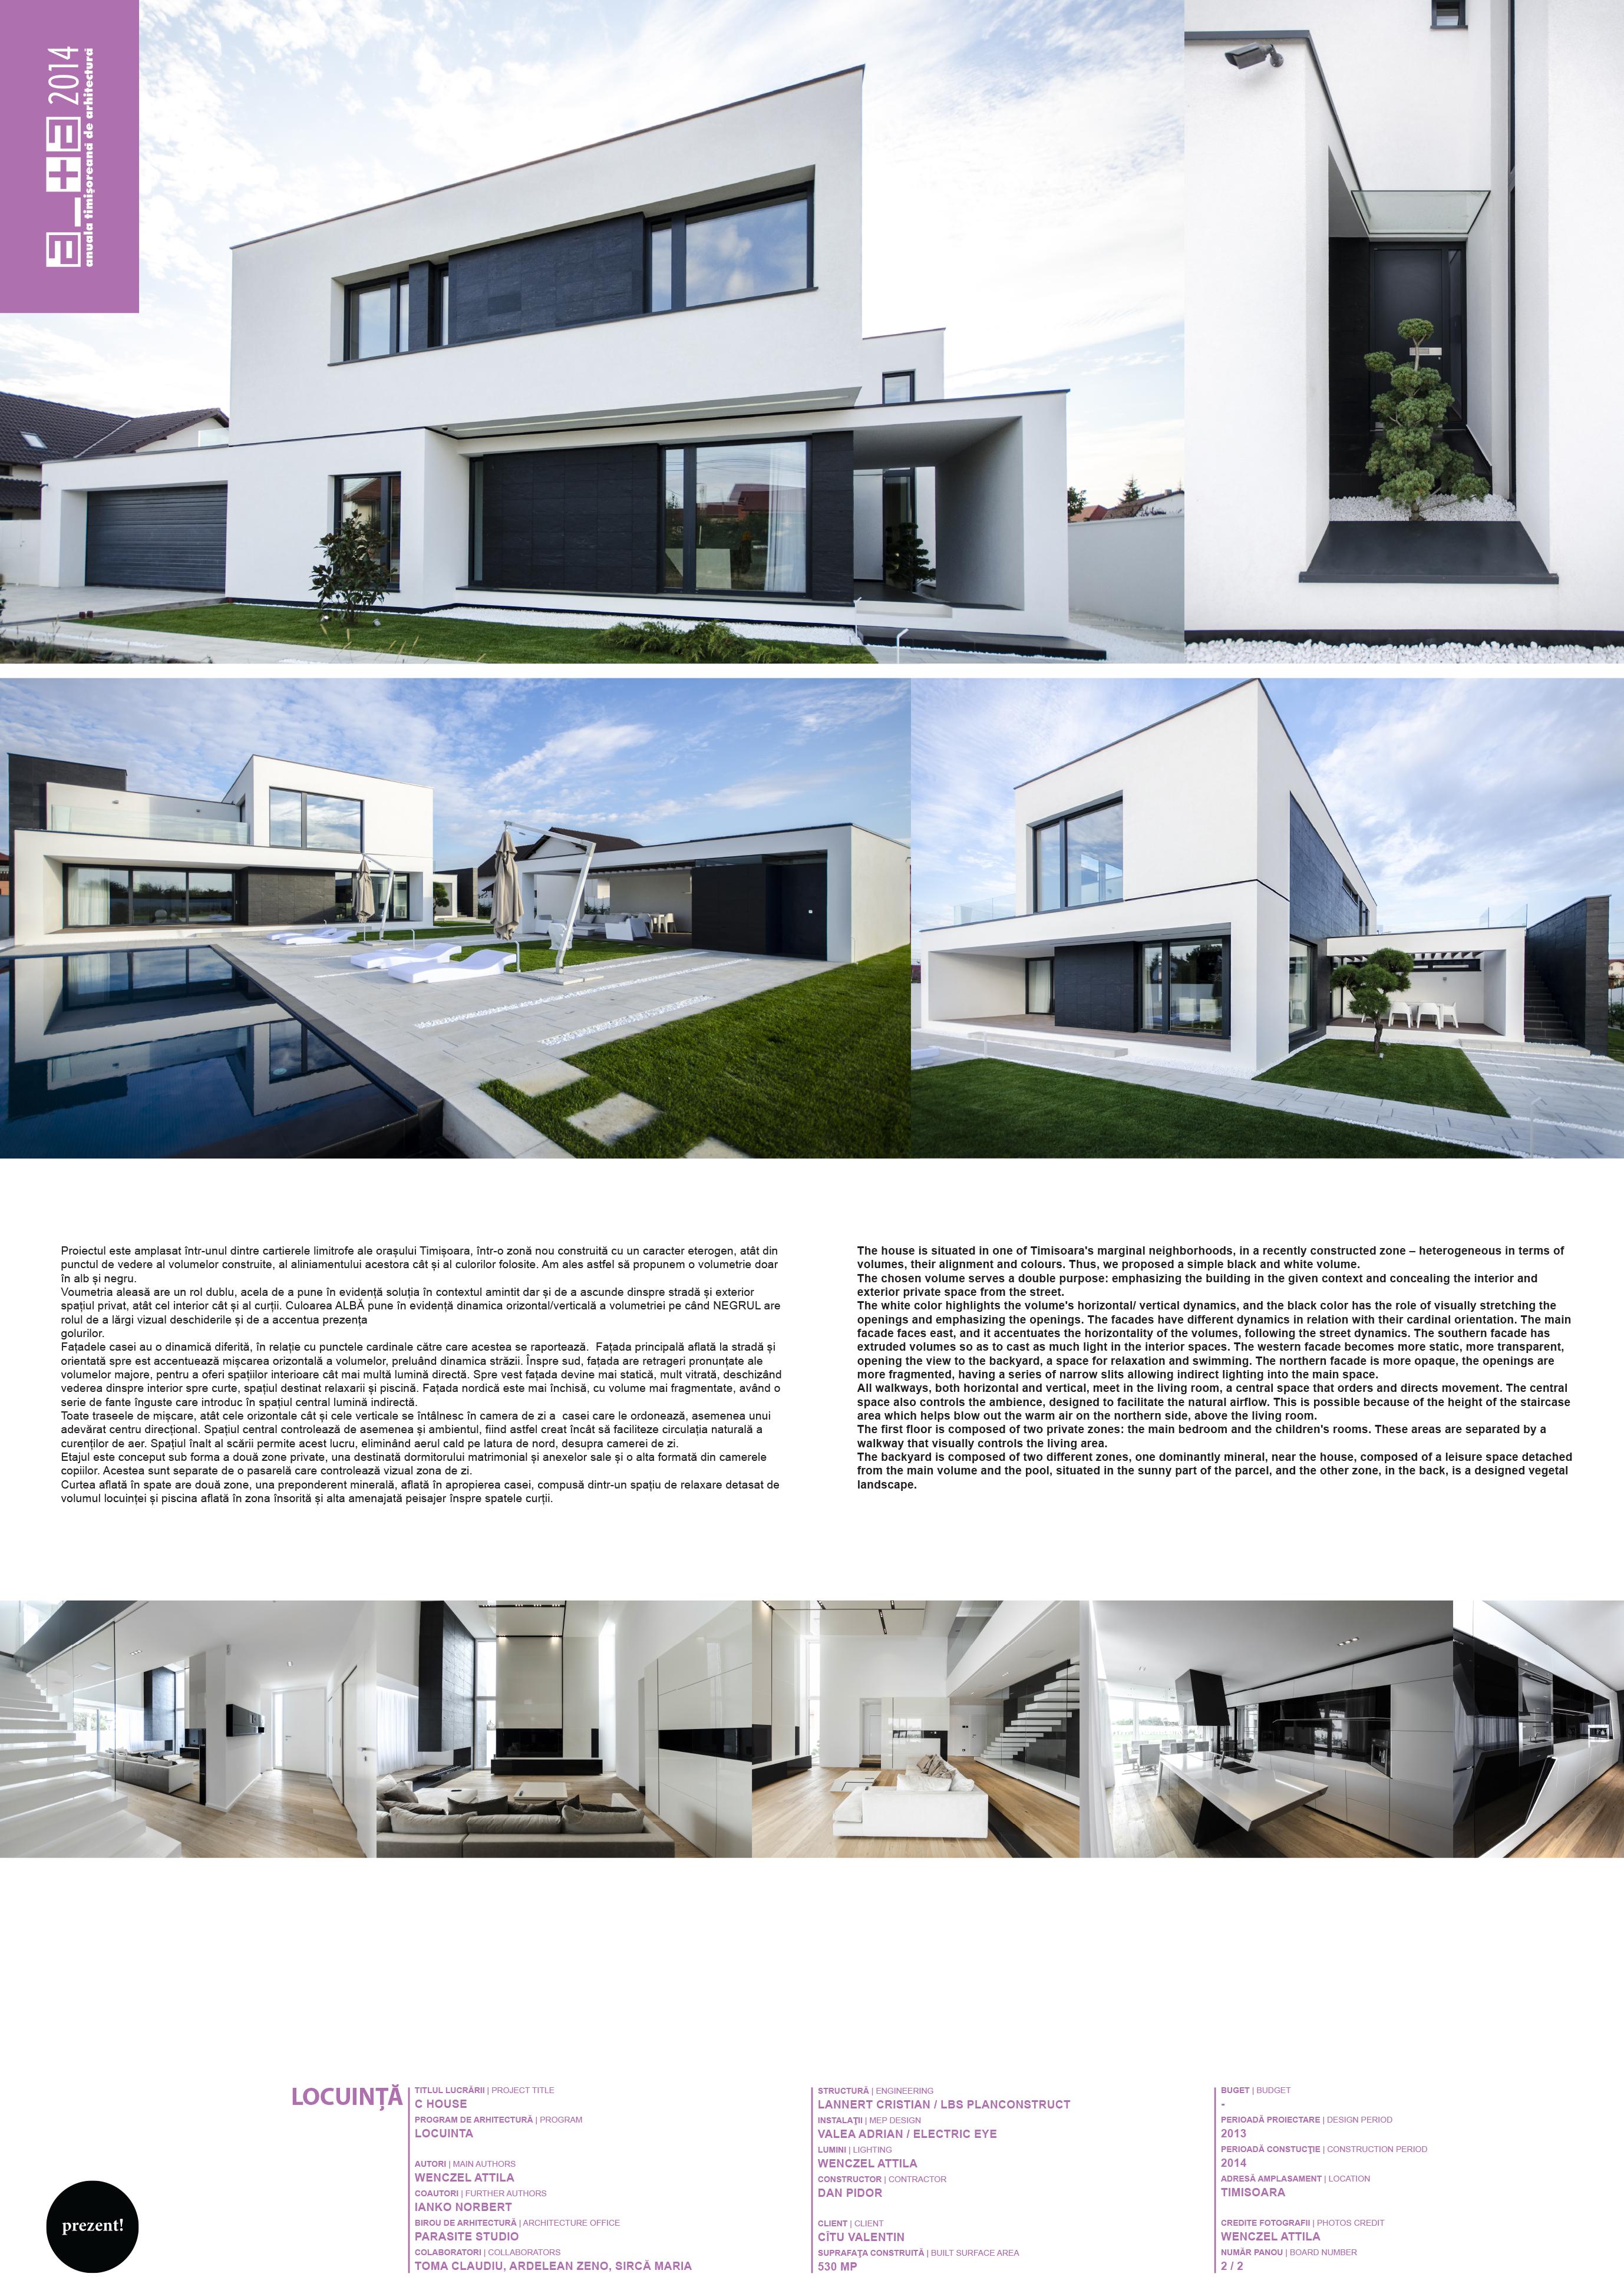 c house x2